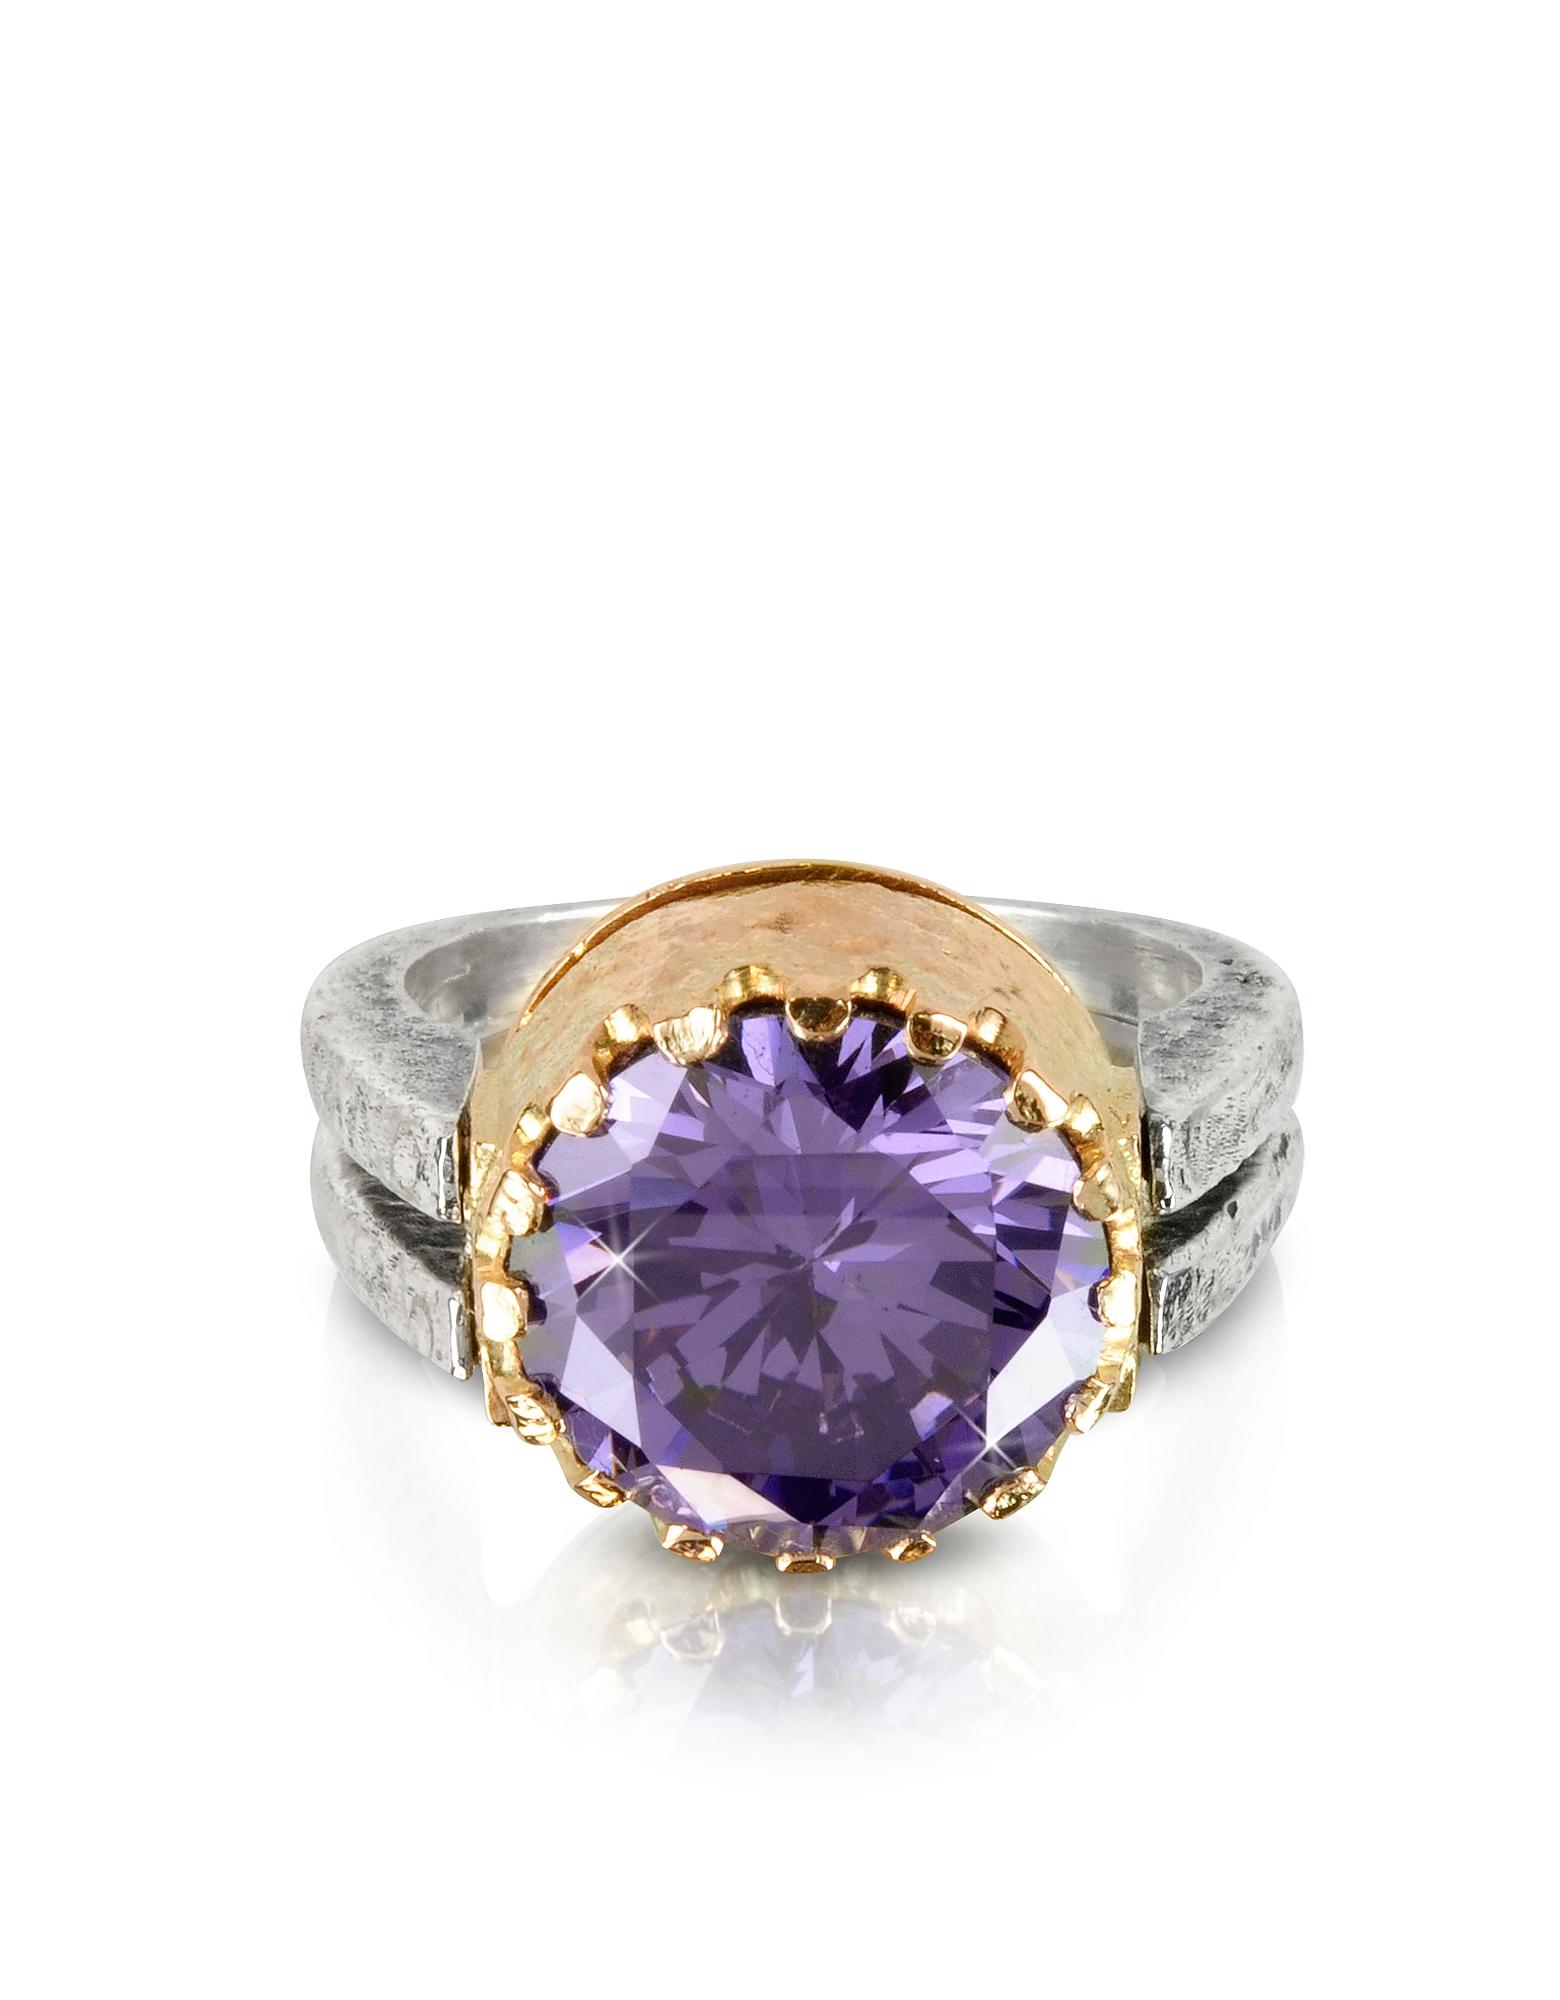 Try Кольцо из Серебра 925 пробы и Розового Золота с Кубиком Циркония Оттенка Фиолетового Аметиста